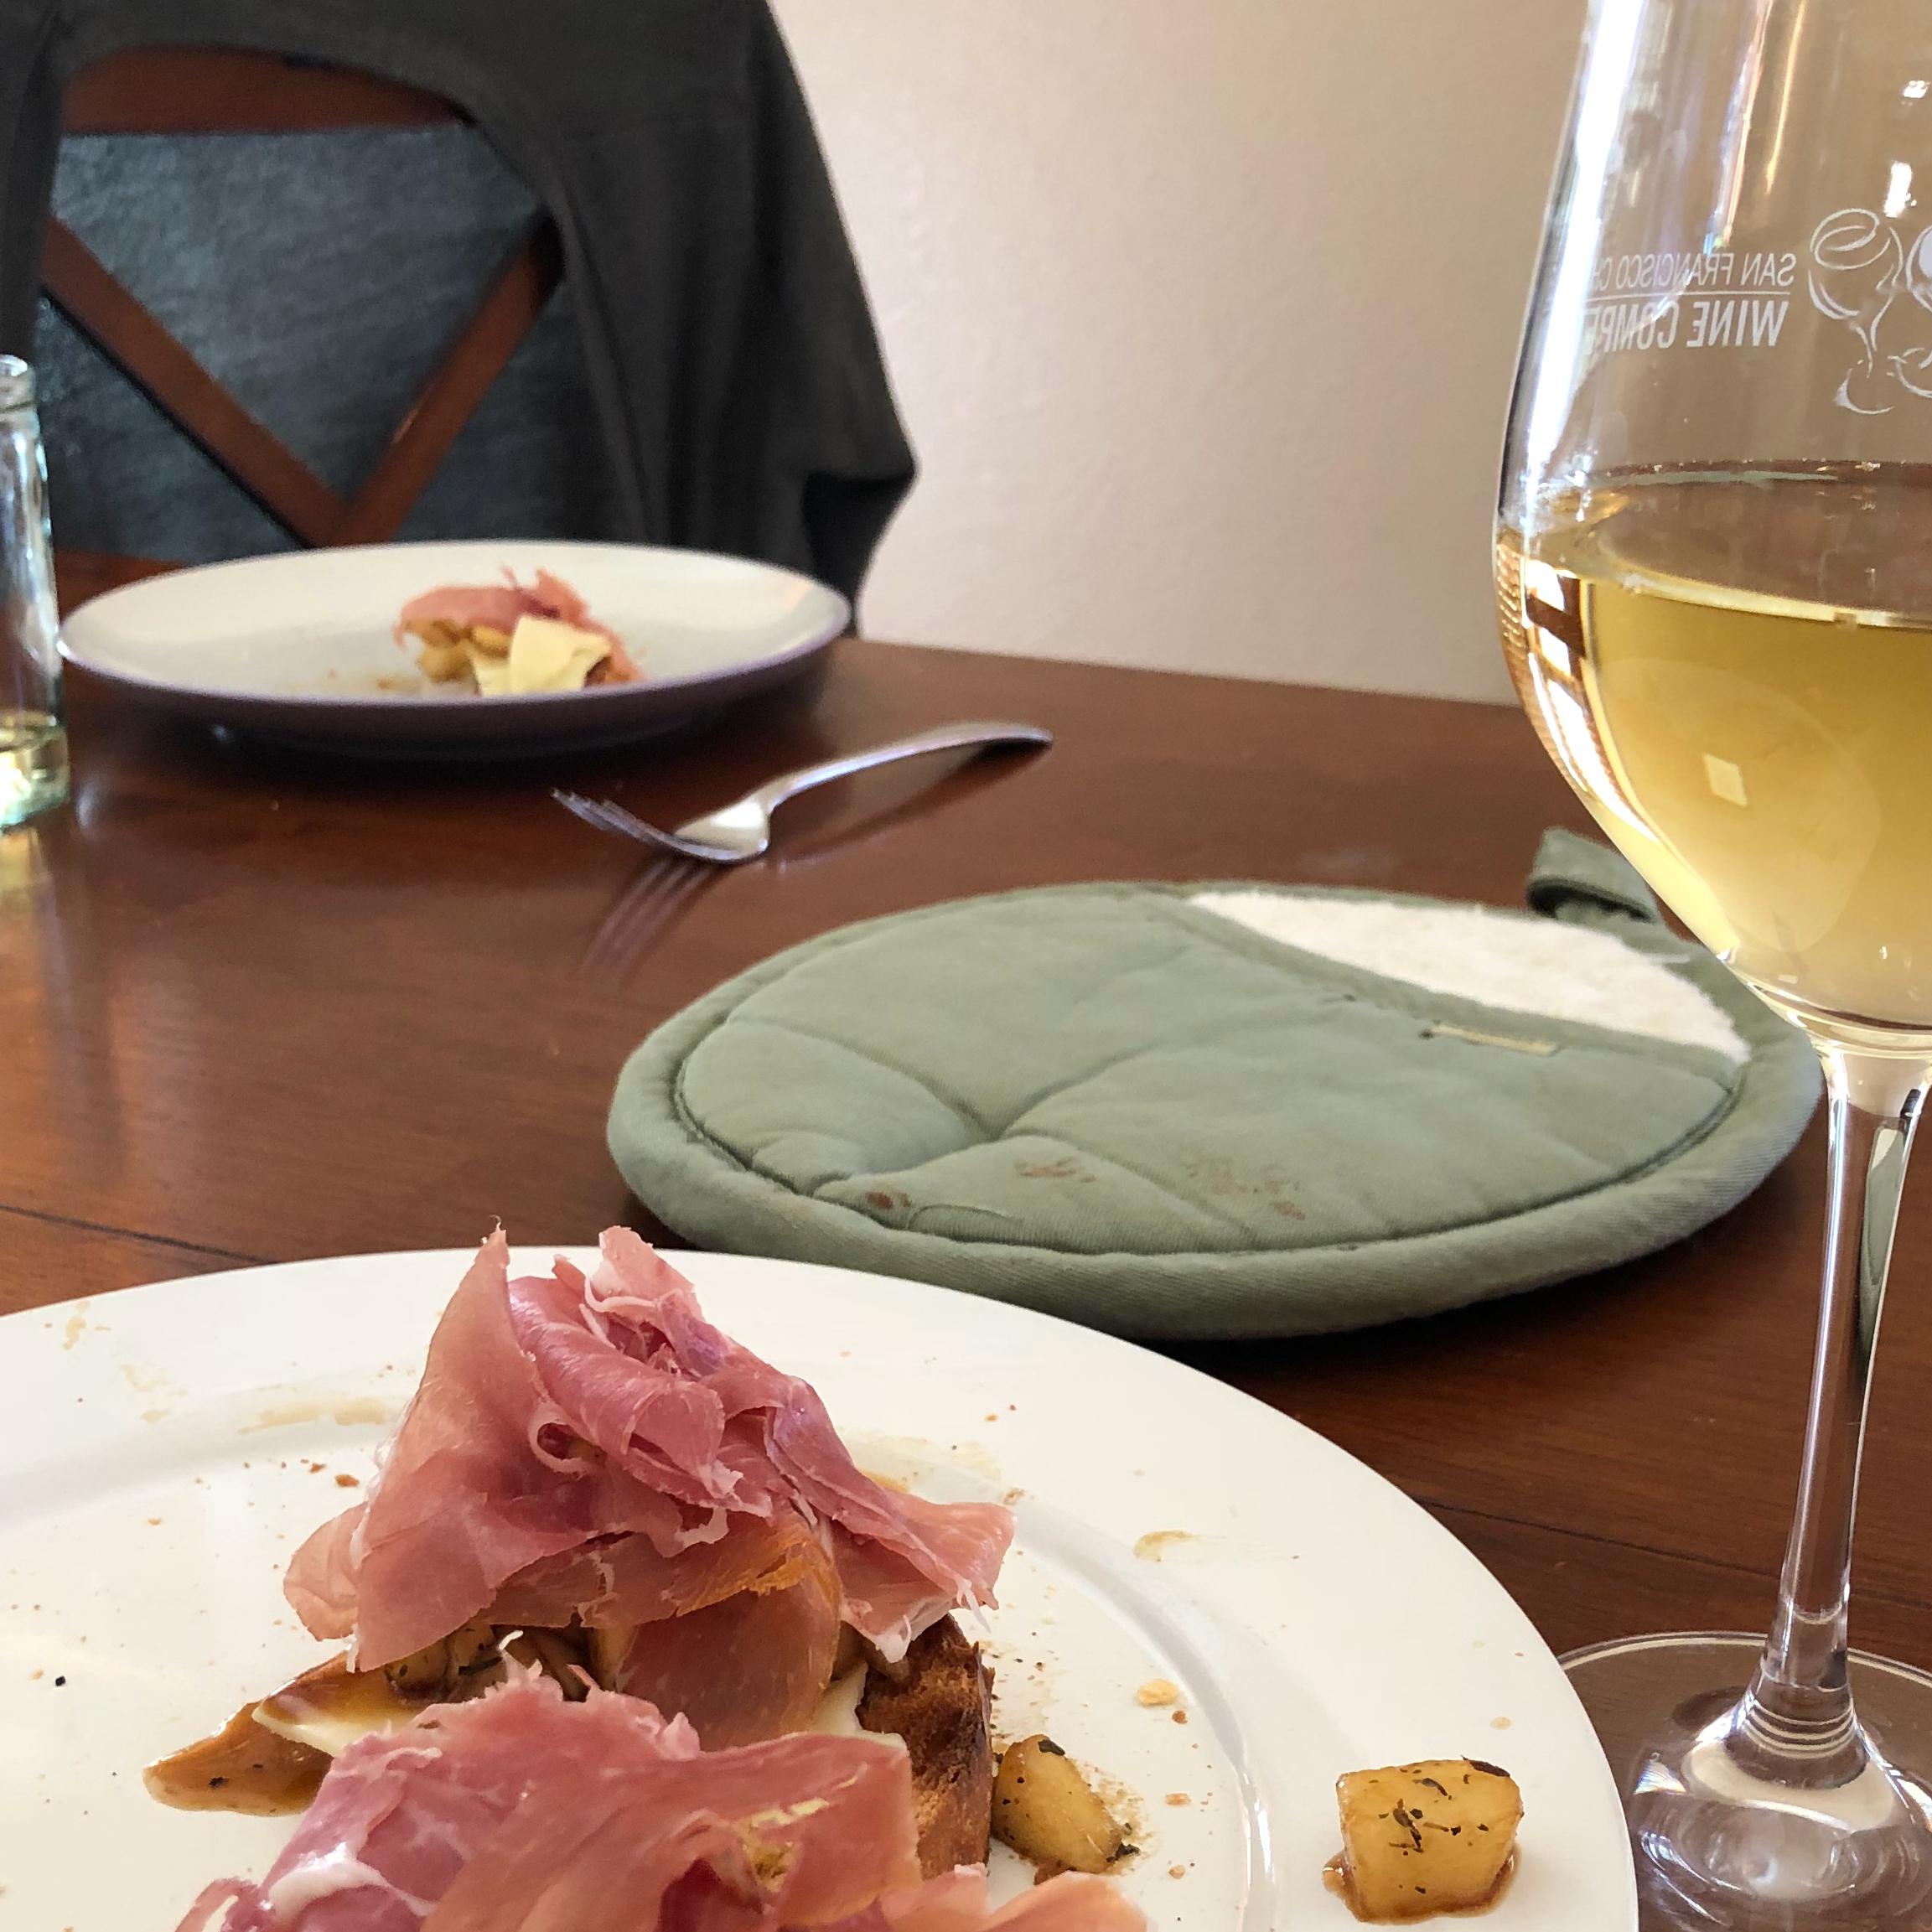 Pear and Prosciutto Bruschetta